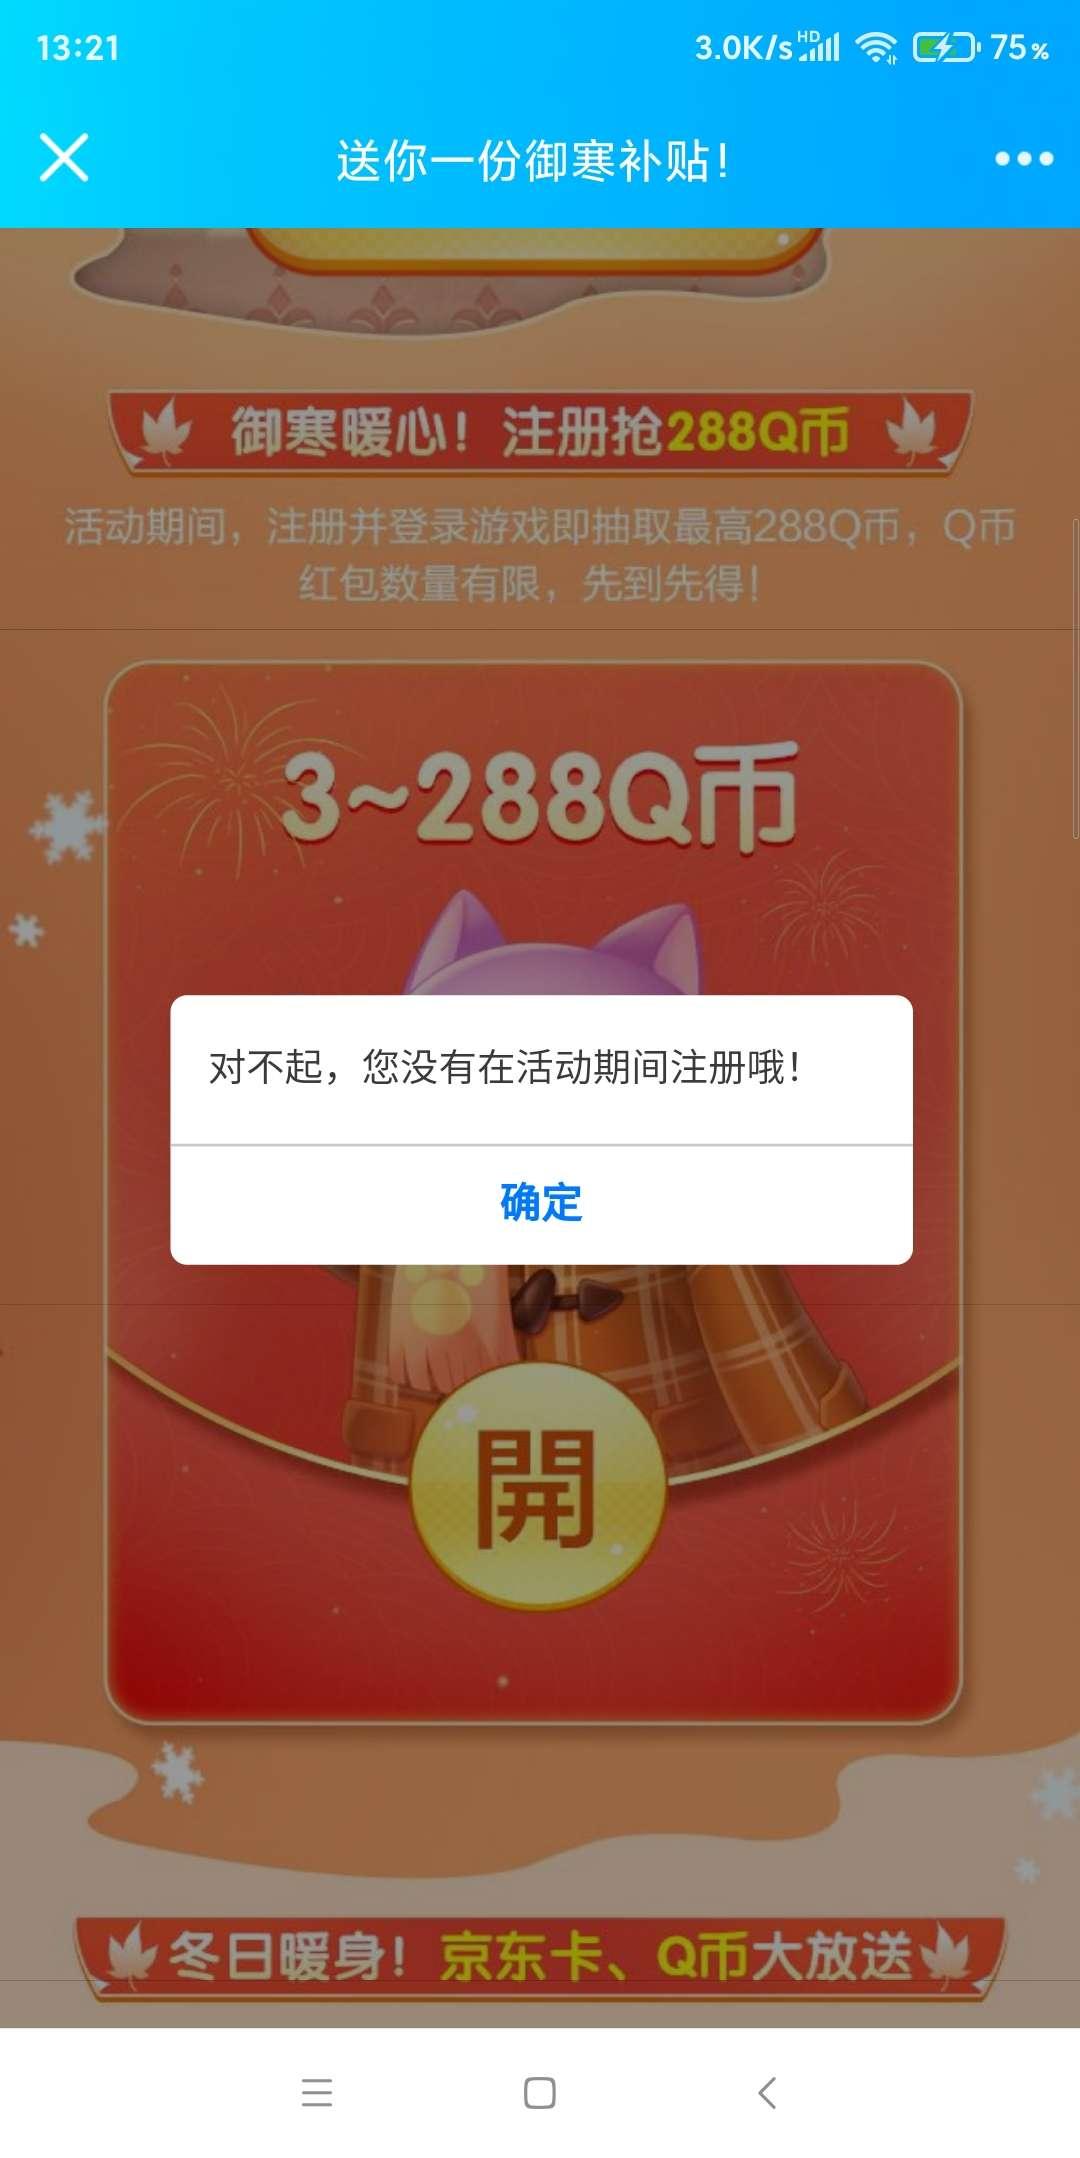 【虚拟物品】天天爱消除注册抽3-288Q币-聚合资源网